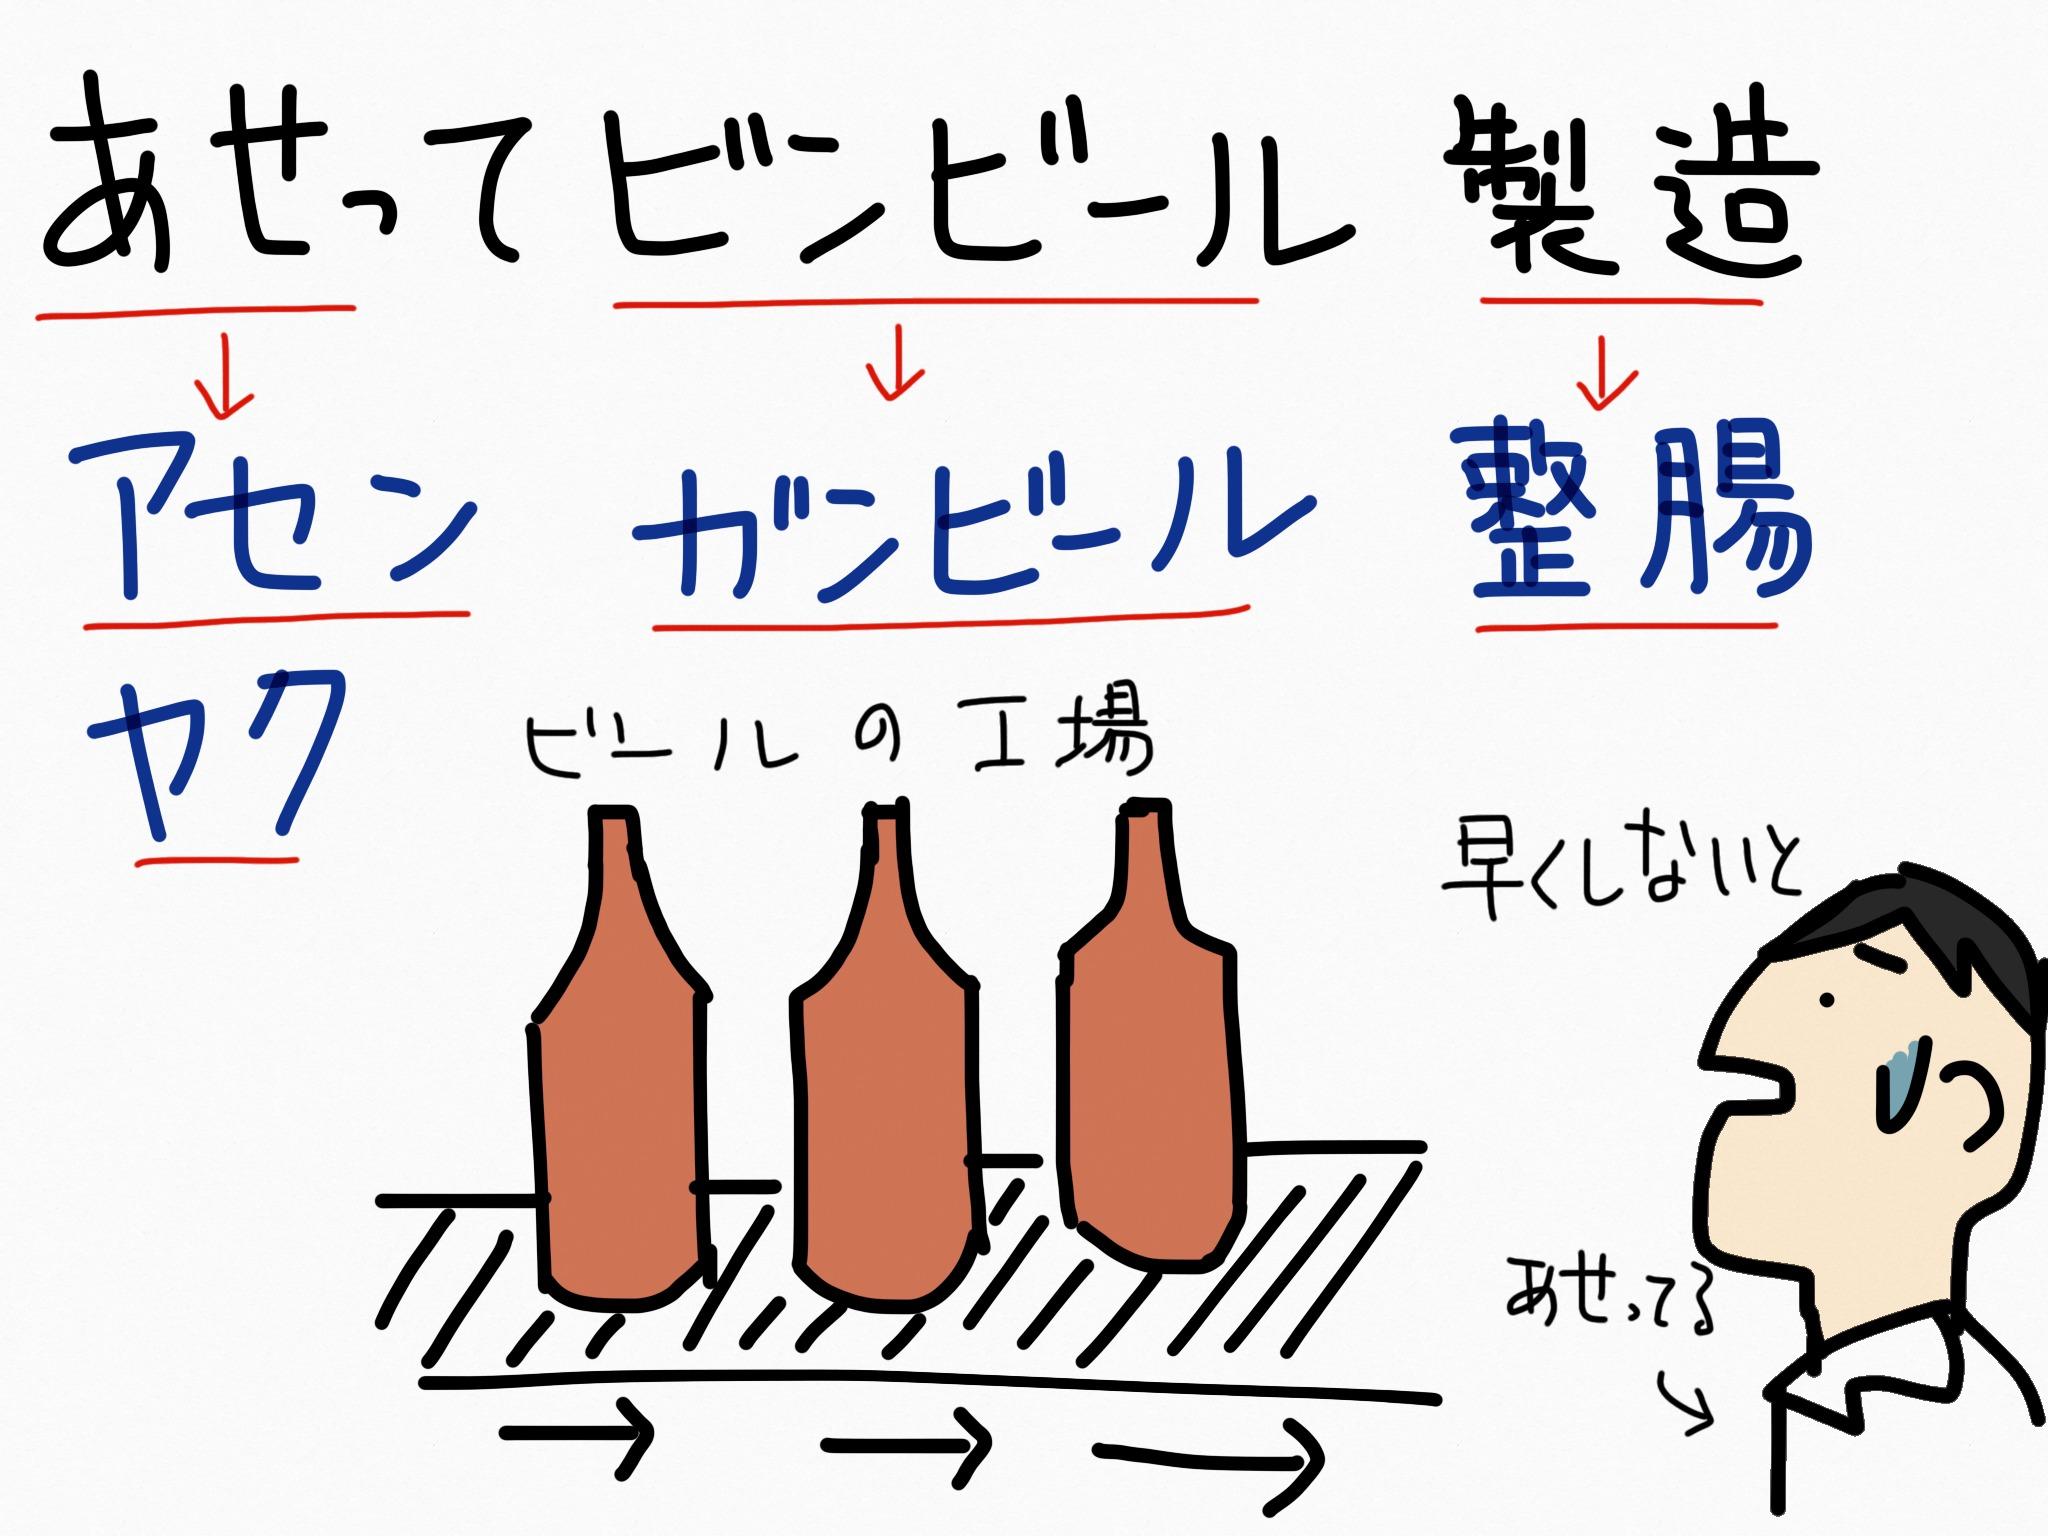 アセンヤク[整腸薬]生薬の覚え方・暗記方法・語呂合わせ